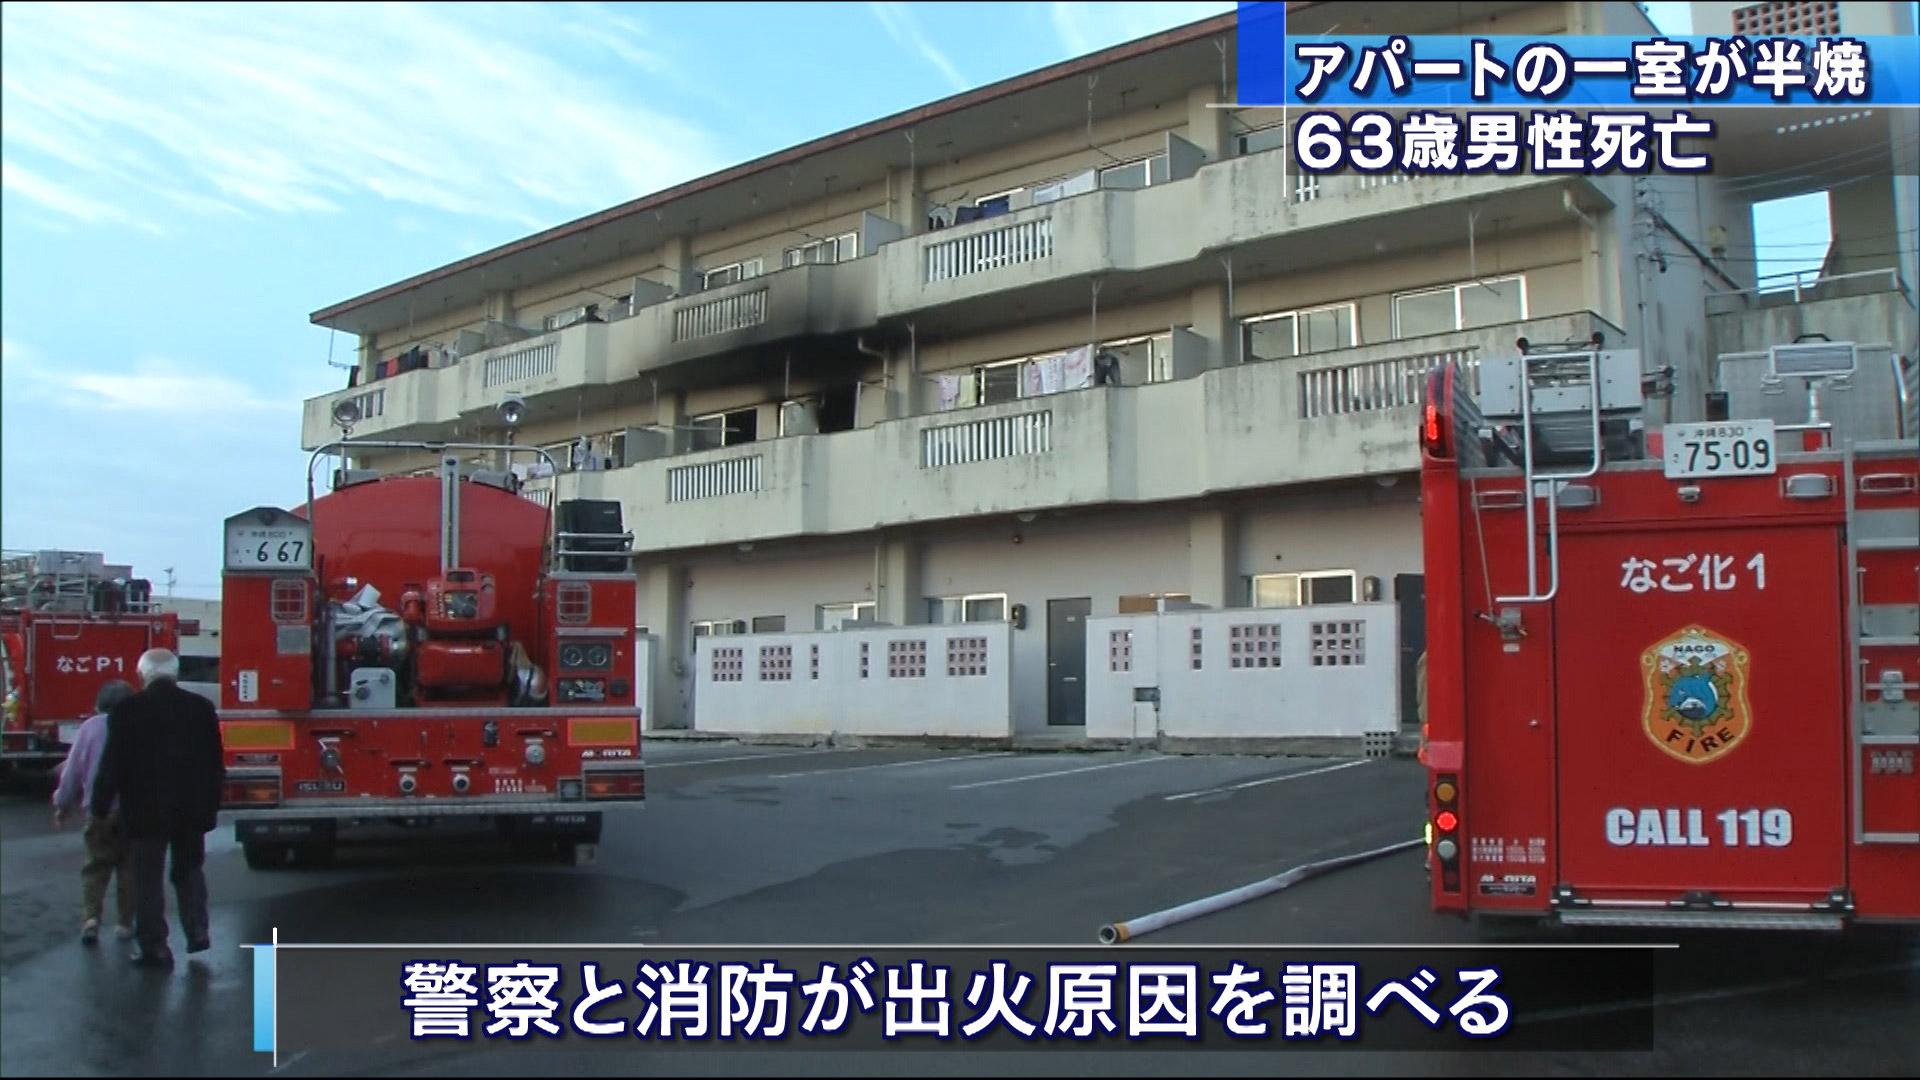 名護のアパートで火災 60代男性死亡